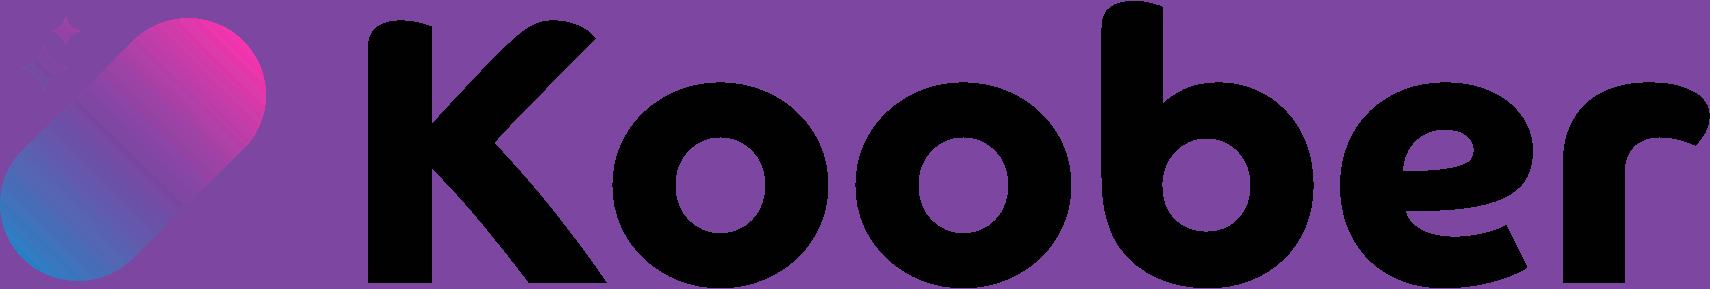 logo koober; koober.com